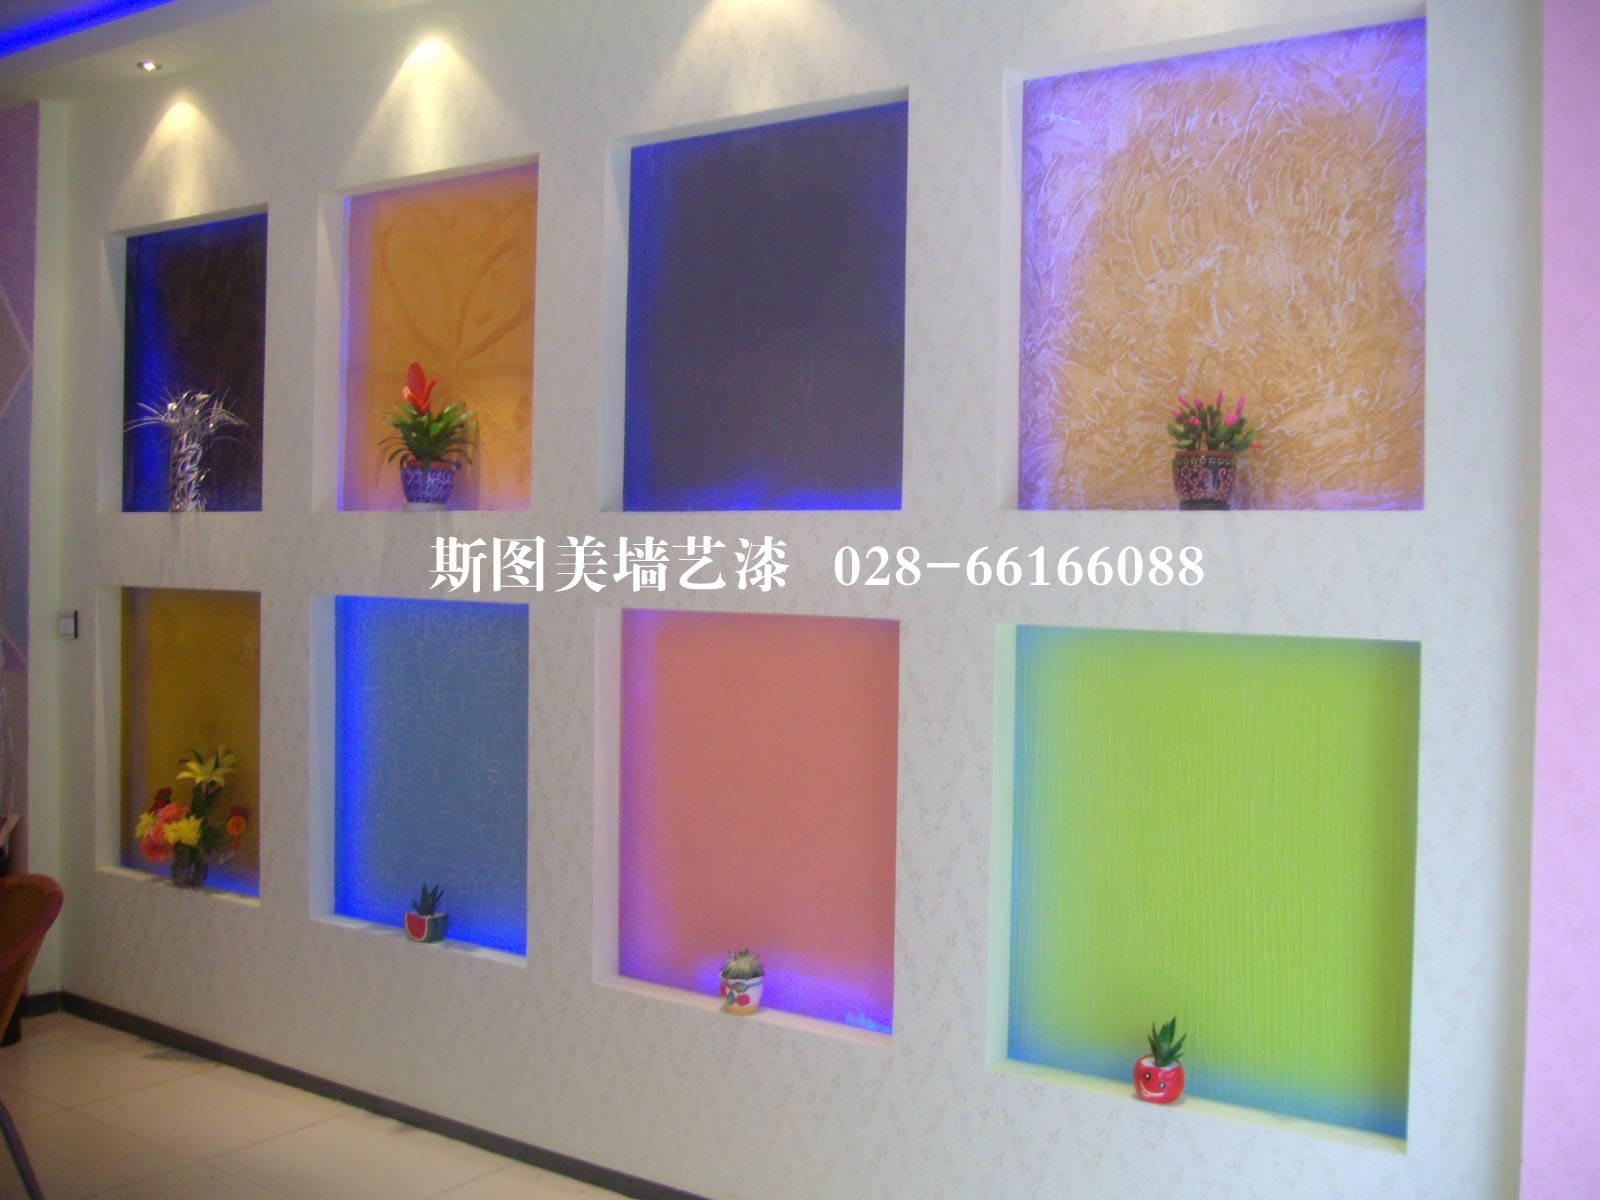 成都进口艺术涂料,仿大理石漆,马来漆等工程承接材料批发